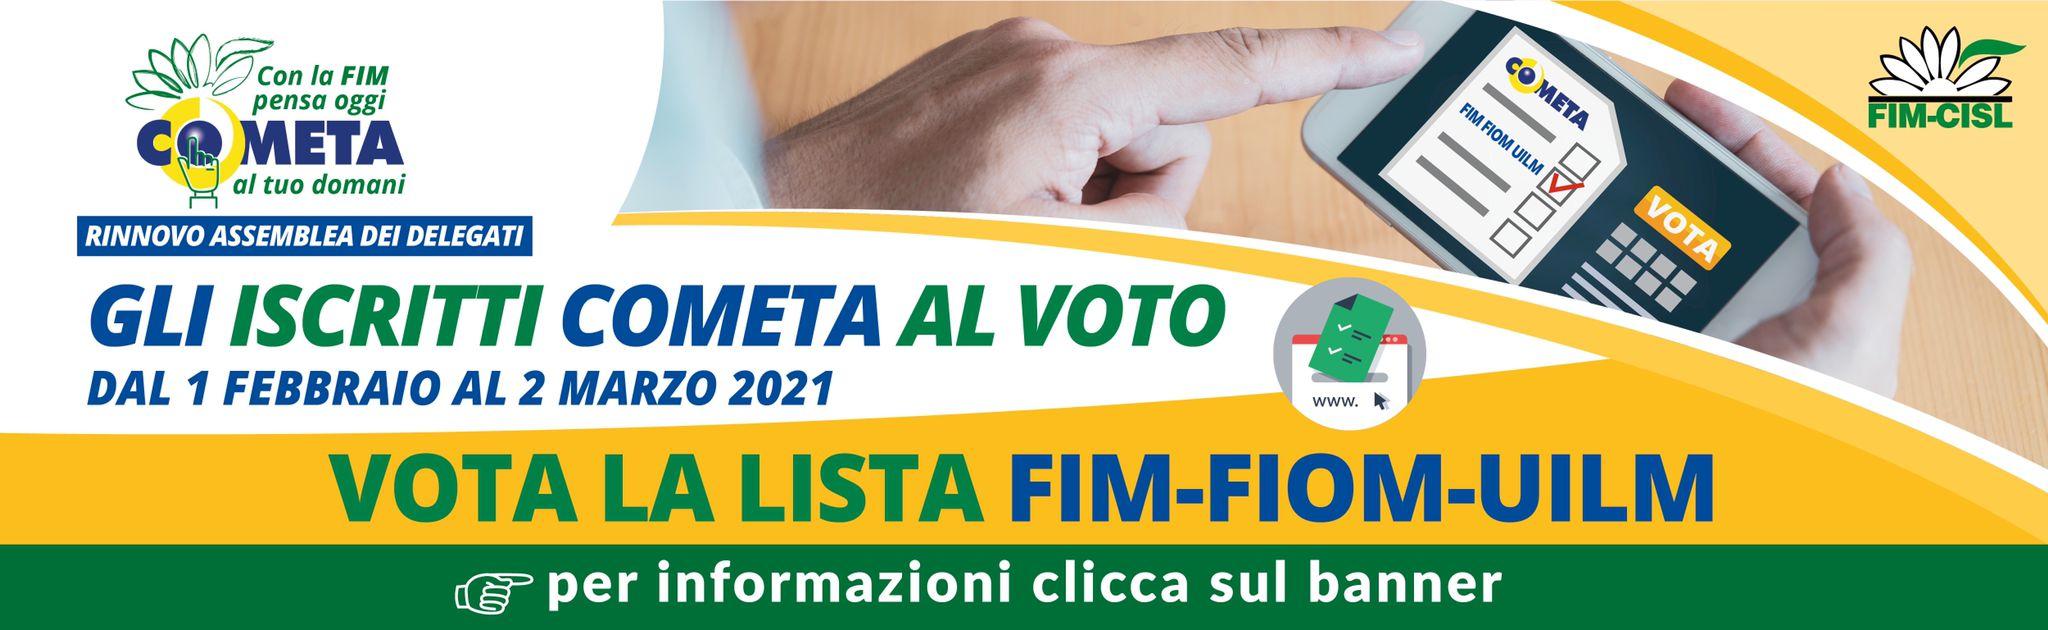 Gli iscritti cometa al voto